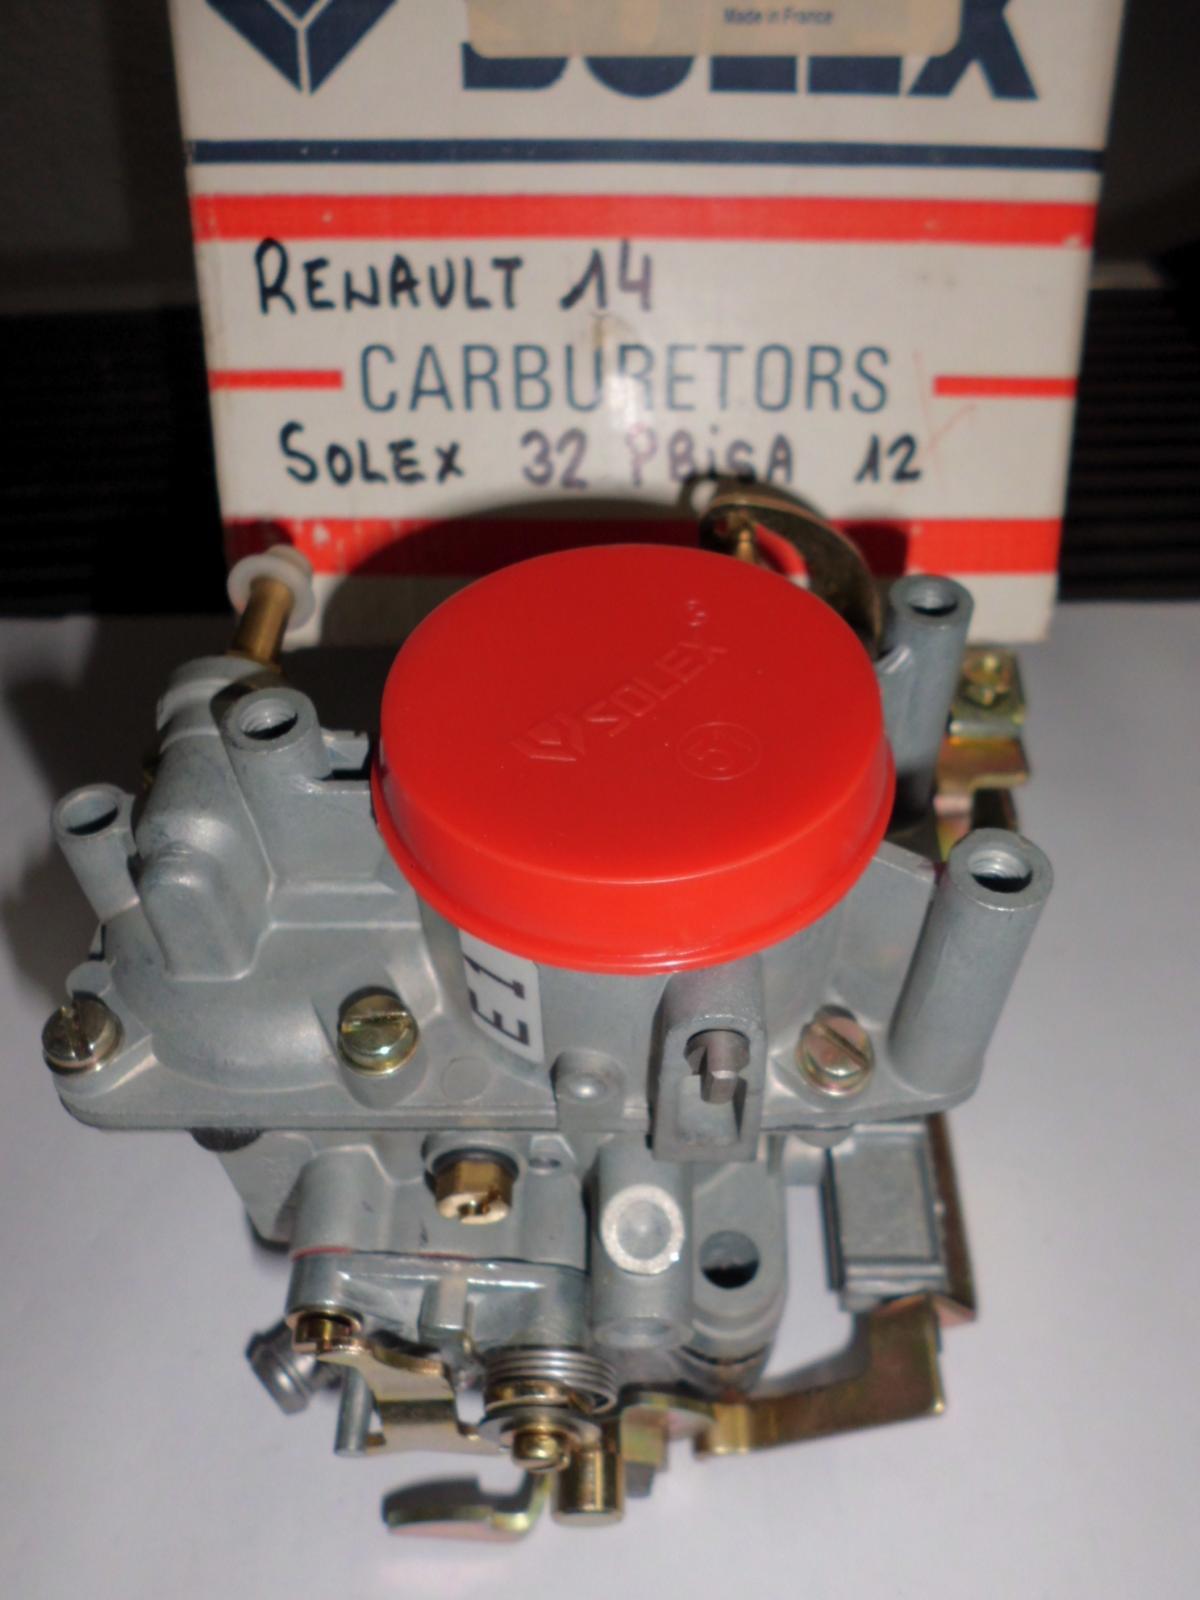 Carburador de Renault 14